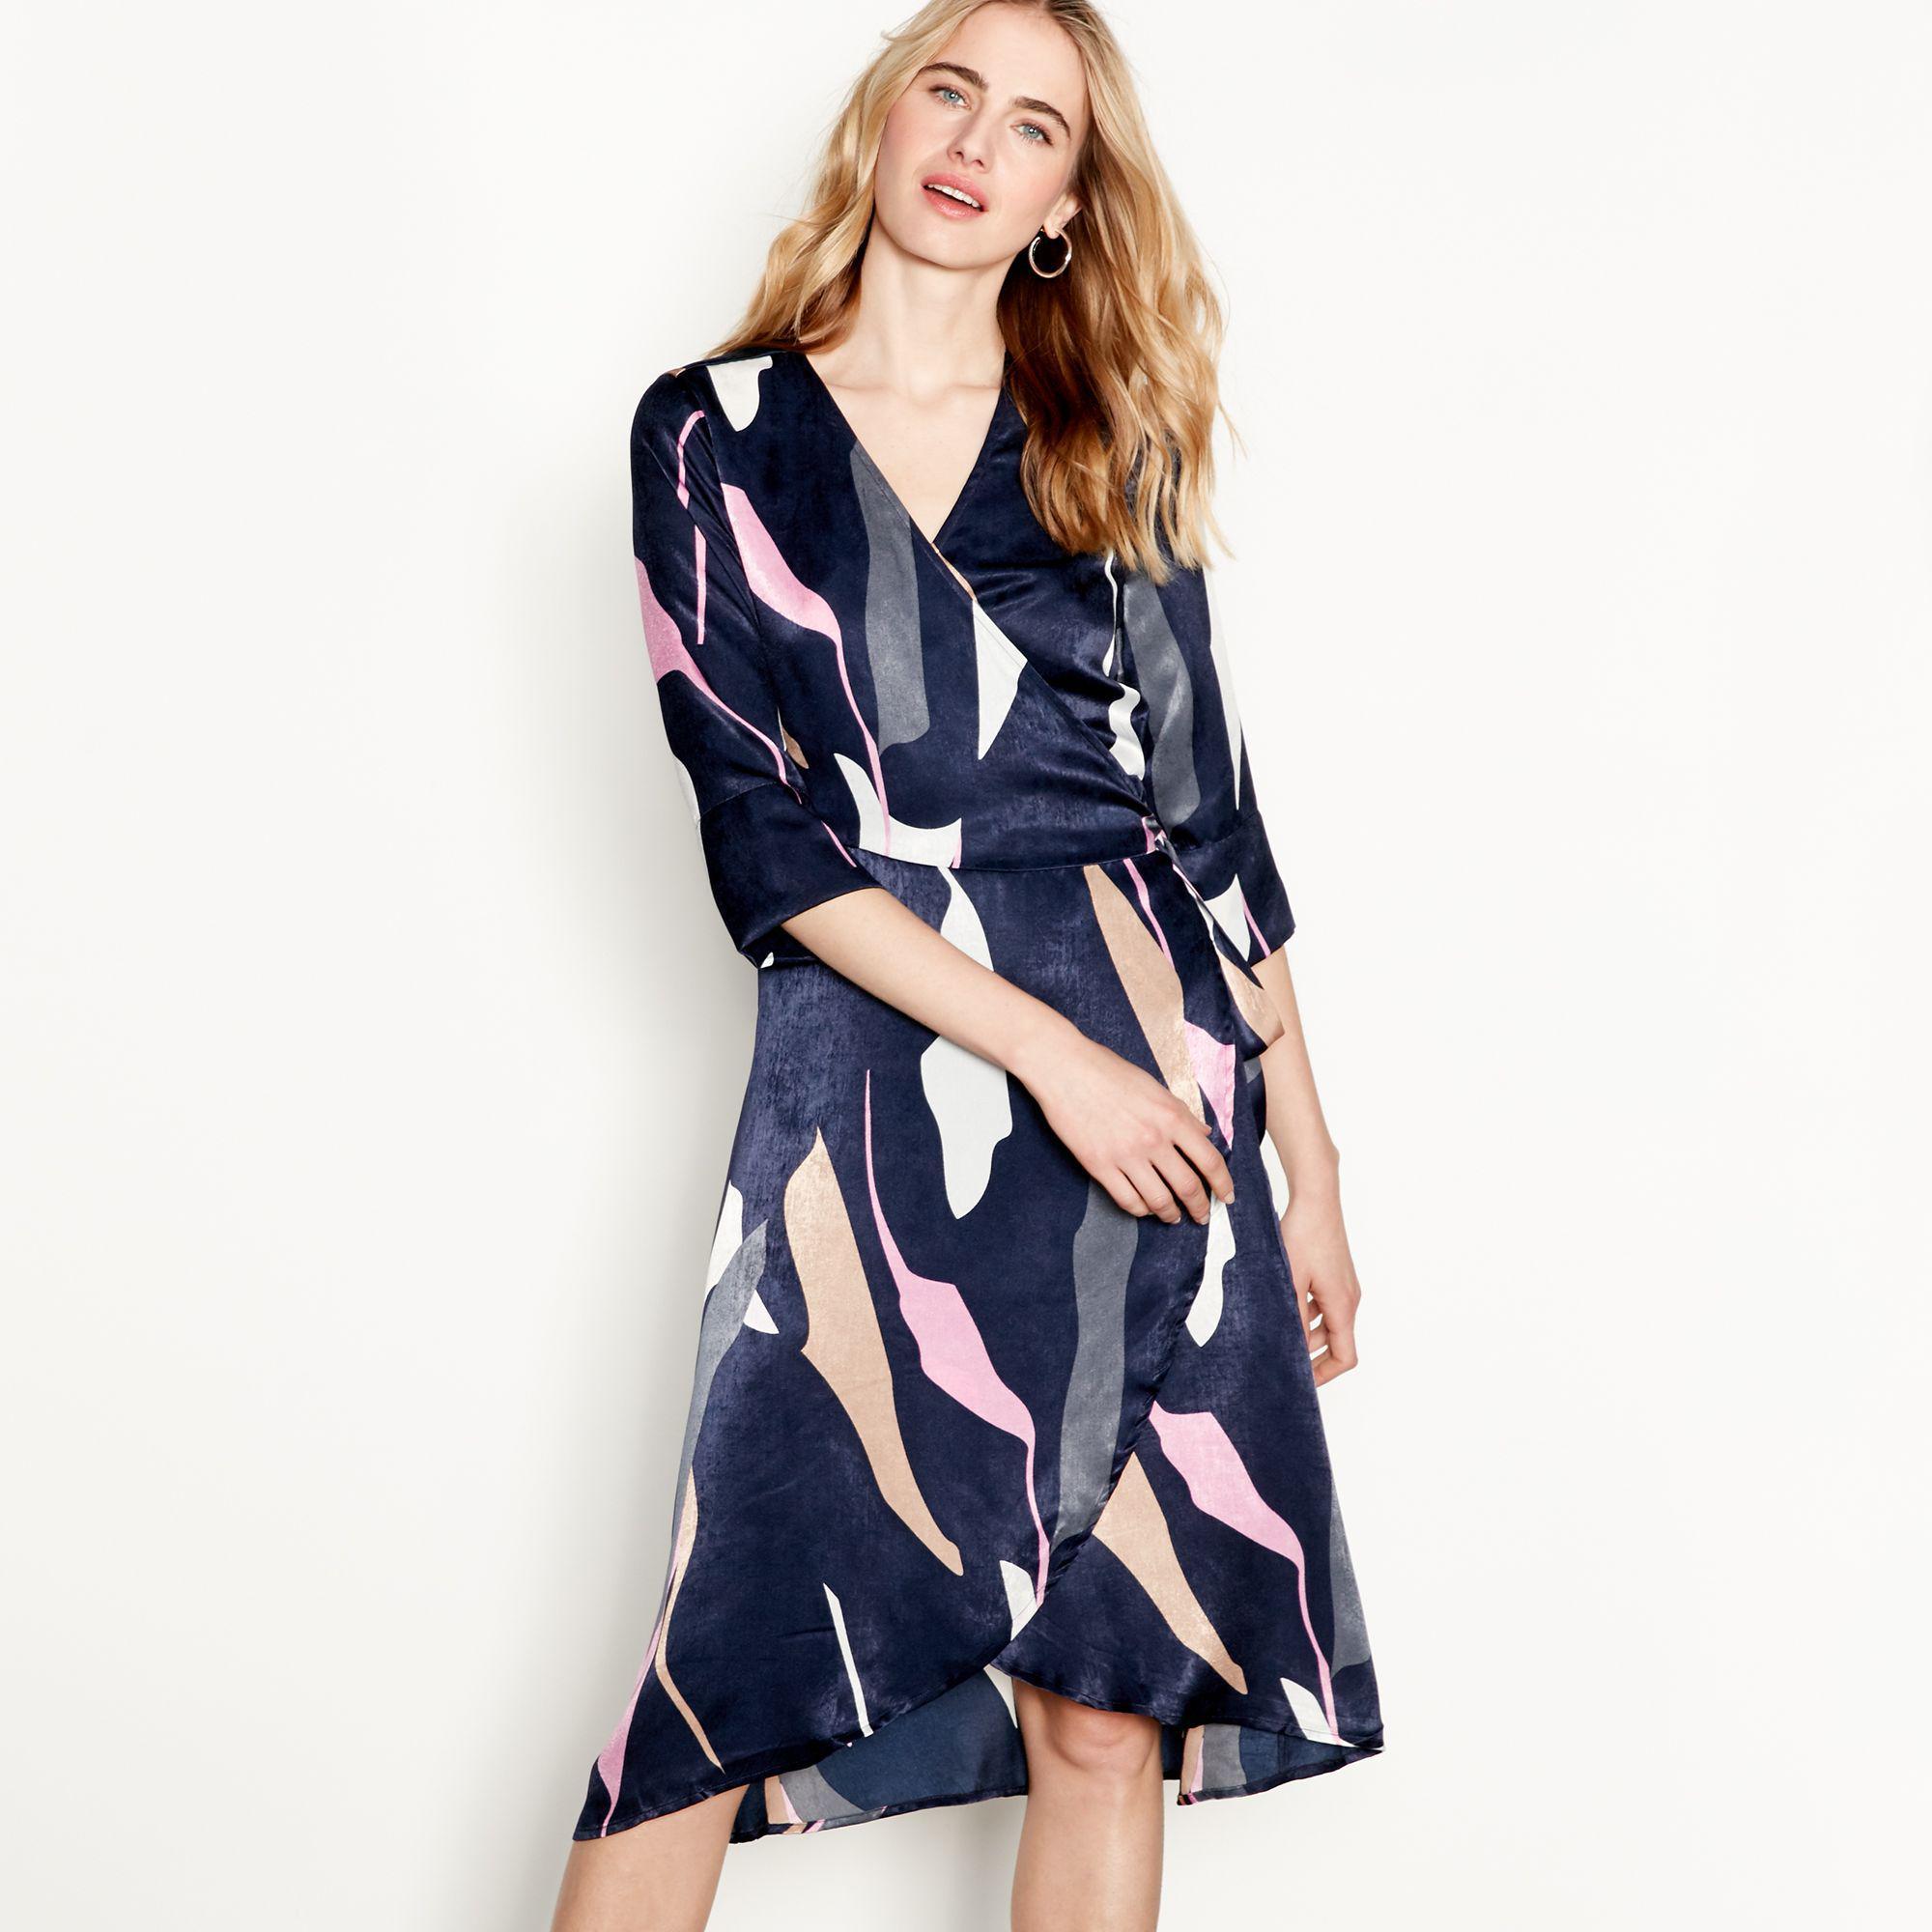 497ff33367 Vero Moda Navy Abstract Stripe Print Satin V-neck Midi Wrap Dress in ...